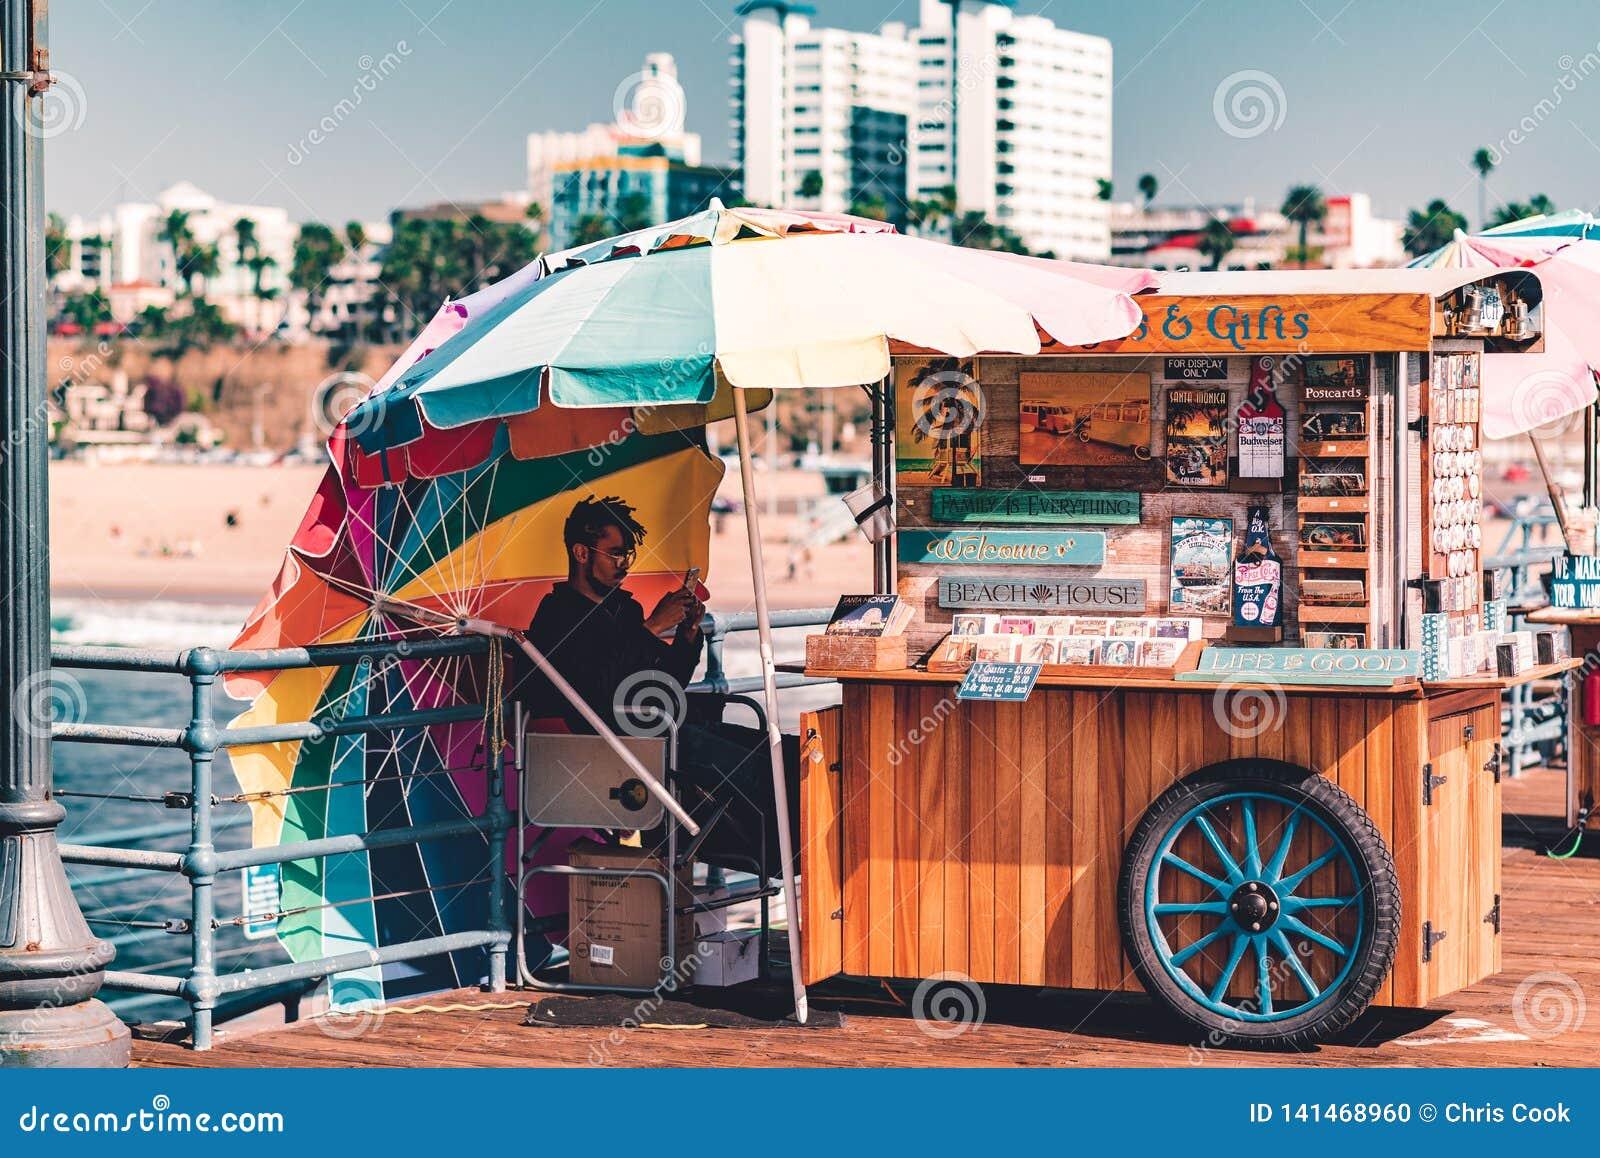 LA, EUA - 30 de outubro de 2018: Um quiosque em Santa Monica Pier